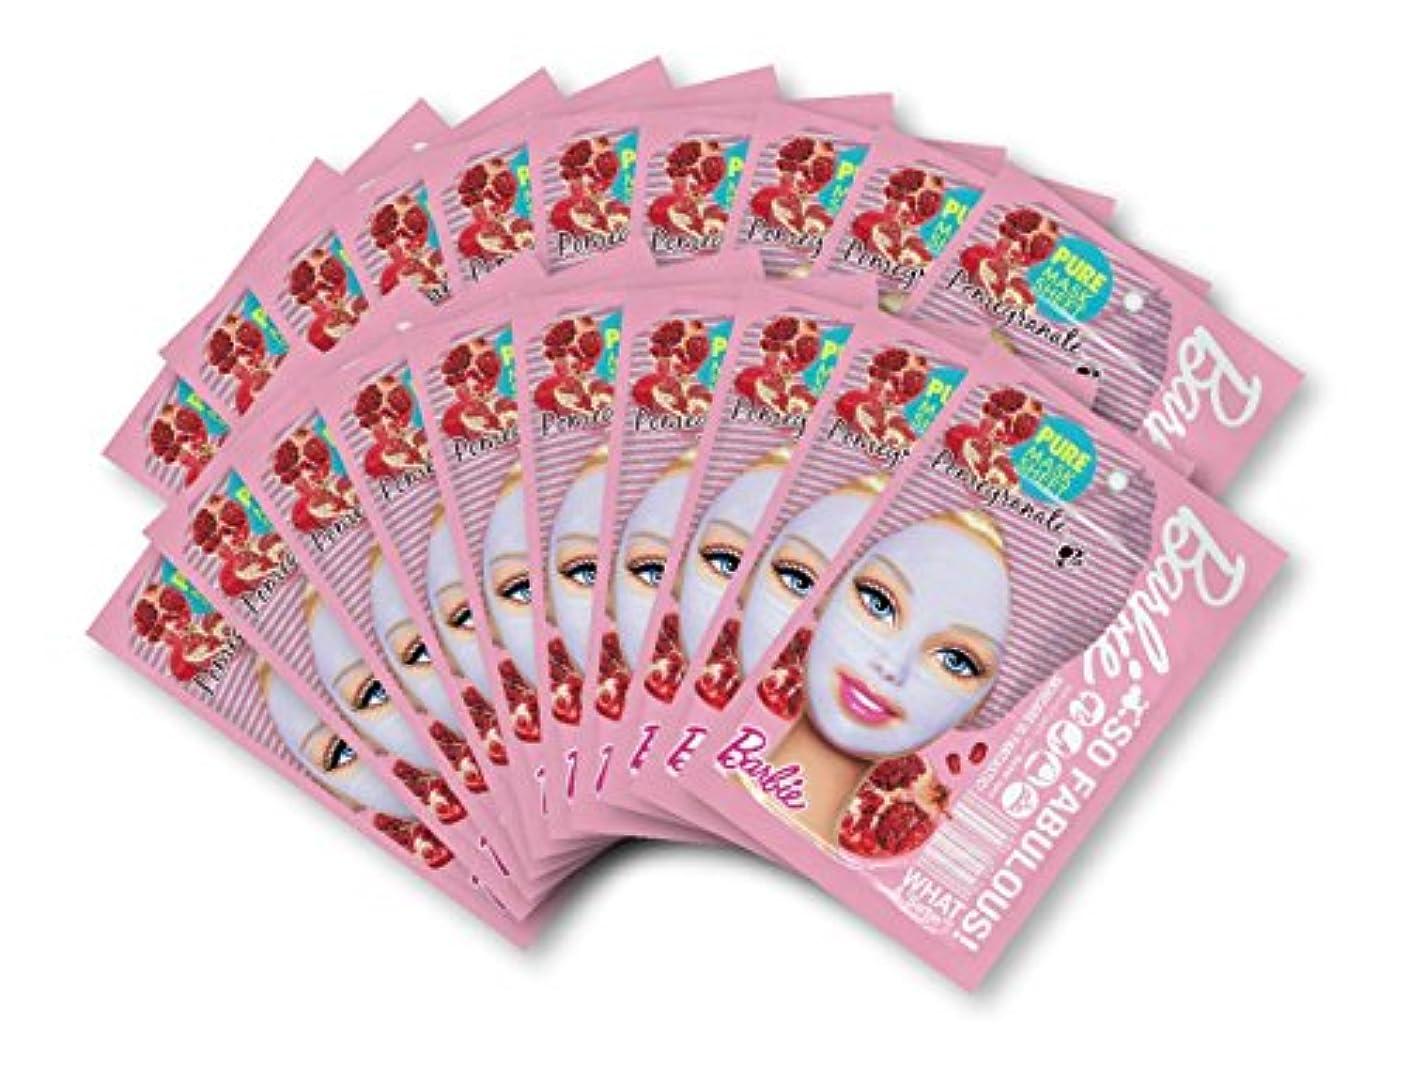 早熟伸ばす噂バービー (Barbie) フェイスマスク ピュアマスクシートN (ポメグラネート/ざくろ) 25ml×20枚入り [保湿] 顔 シートマスク フェイスパック